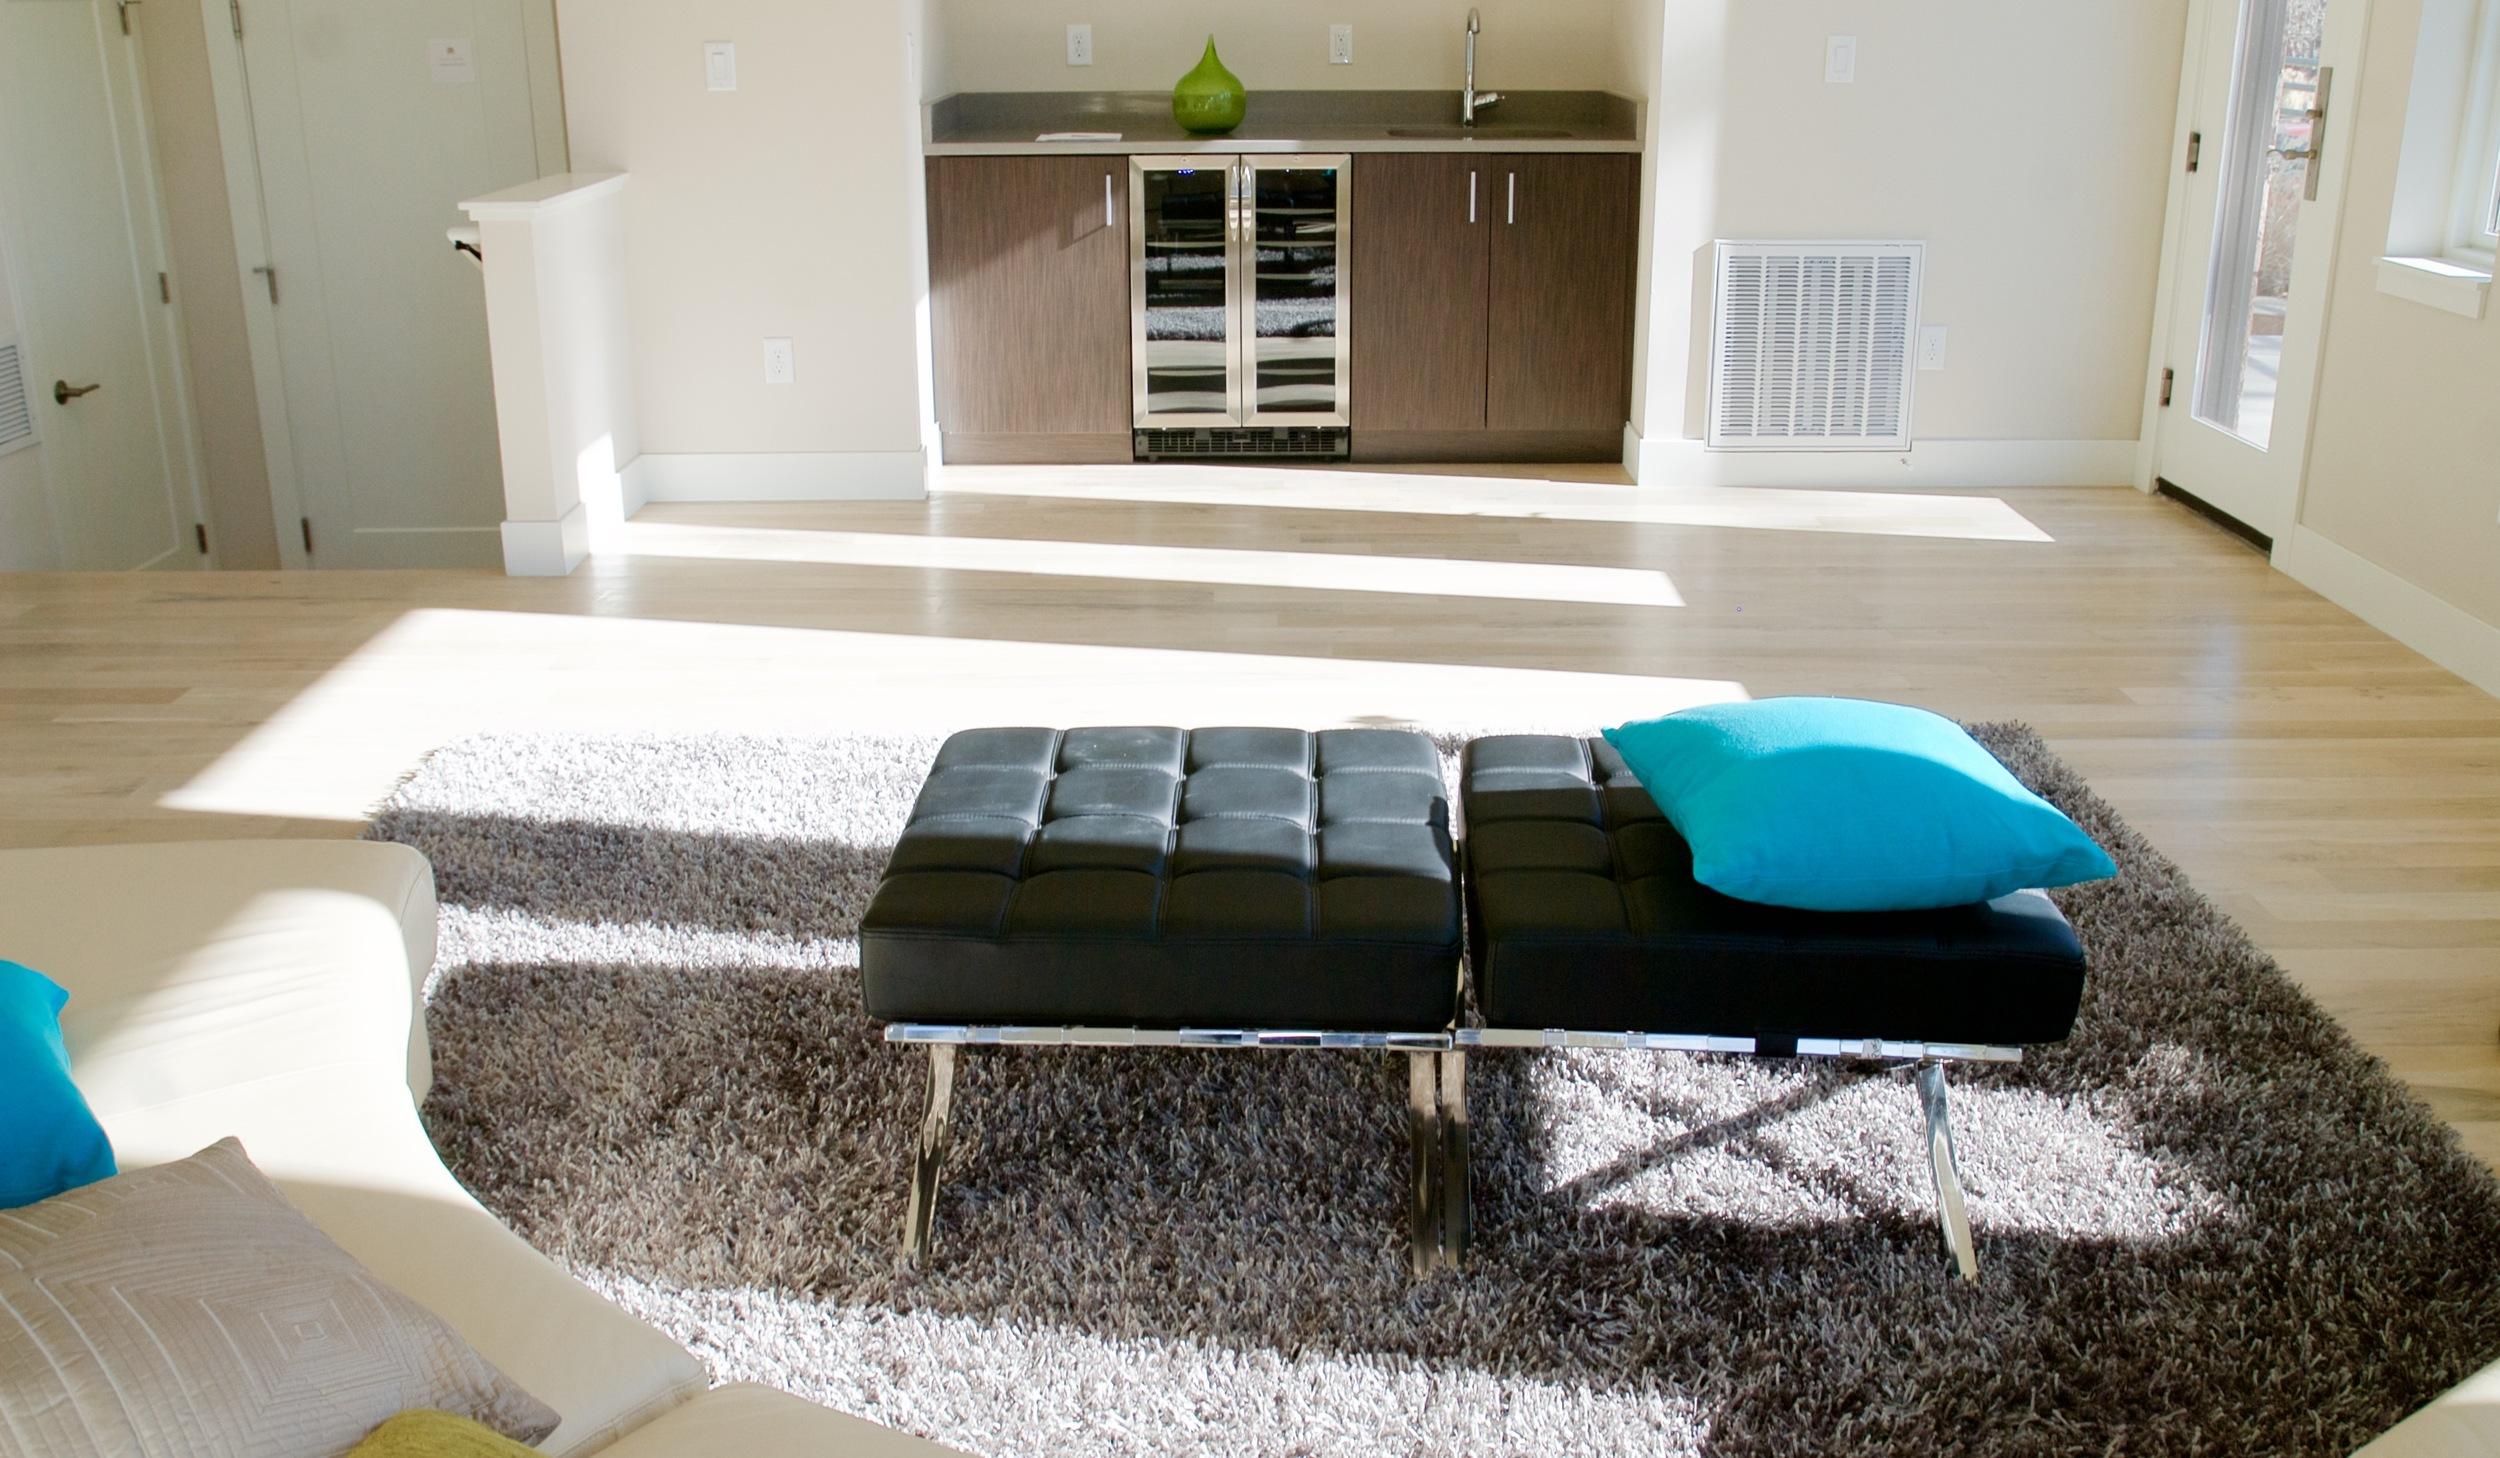 Second image of Residential Hardwood Flooring for Tejon Denver by ASA Flooring